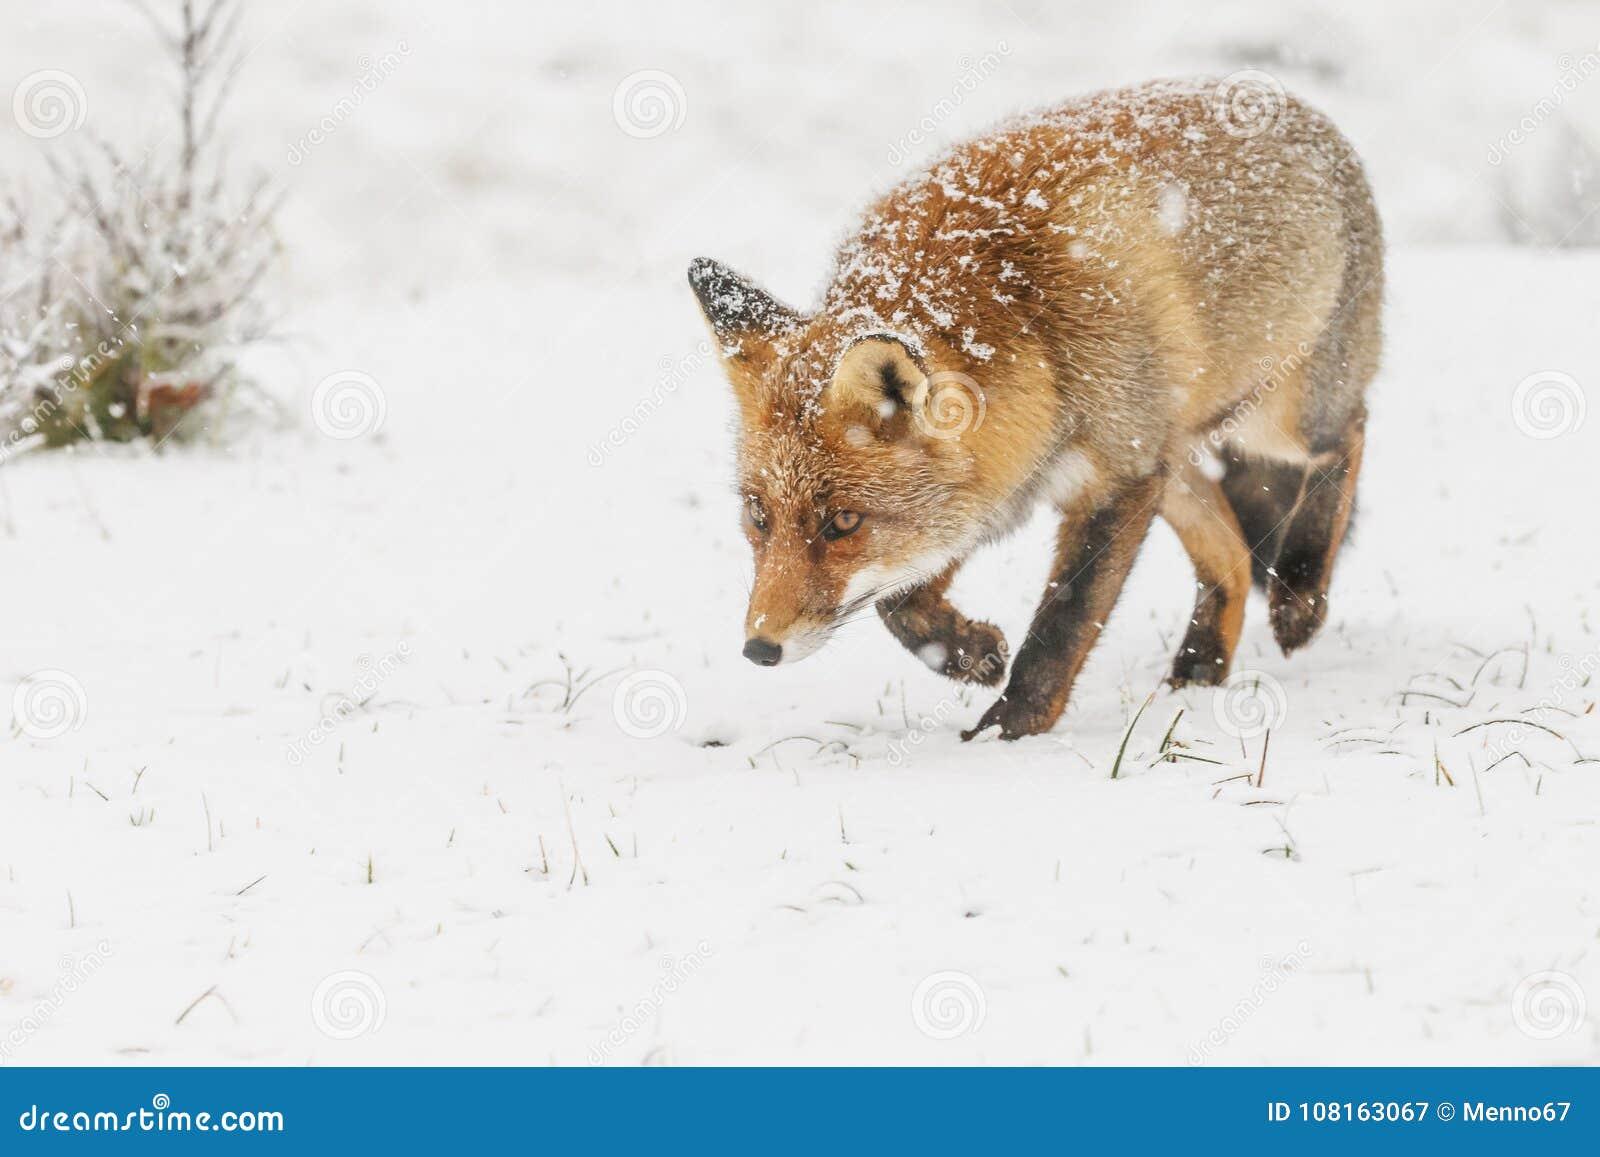 Roter Fuchs In Einem Winter Landschap Stockbild Bild Von Fuchs